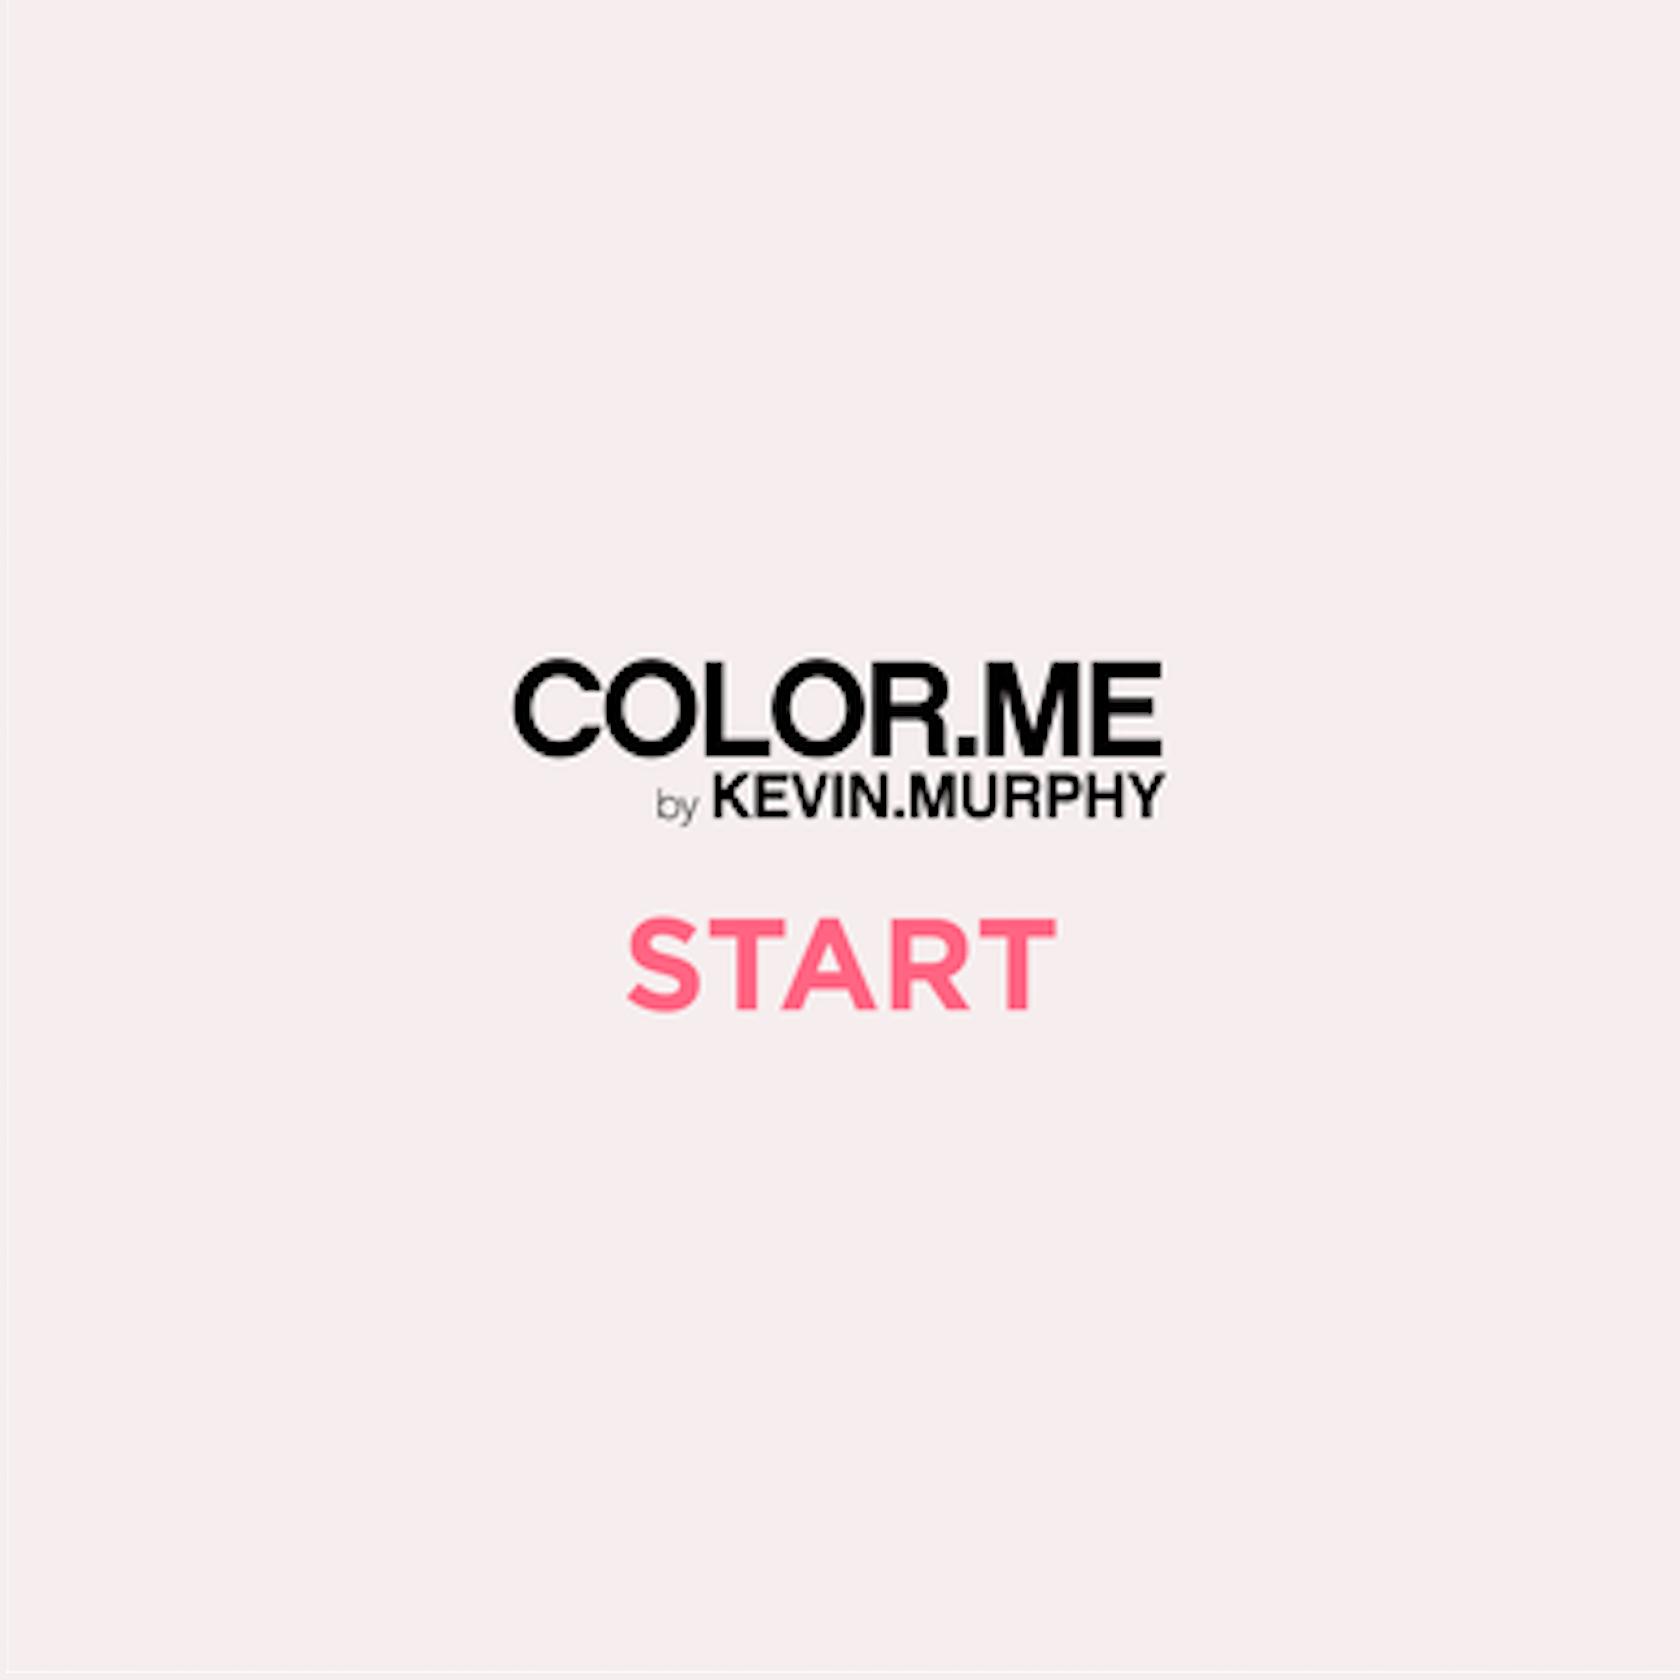 COLOR.ME START